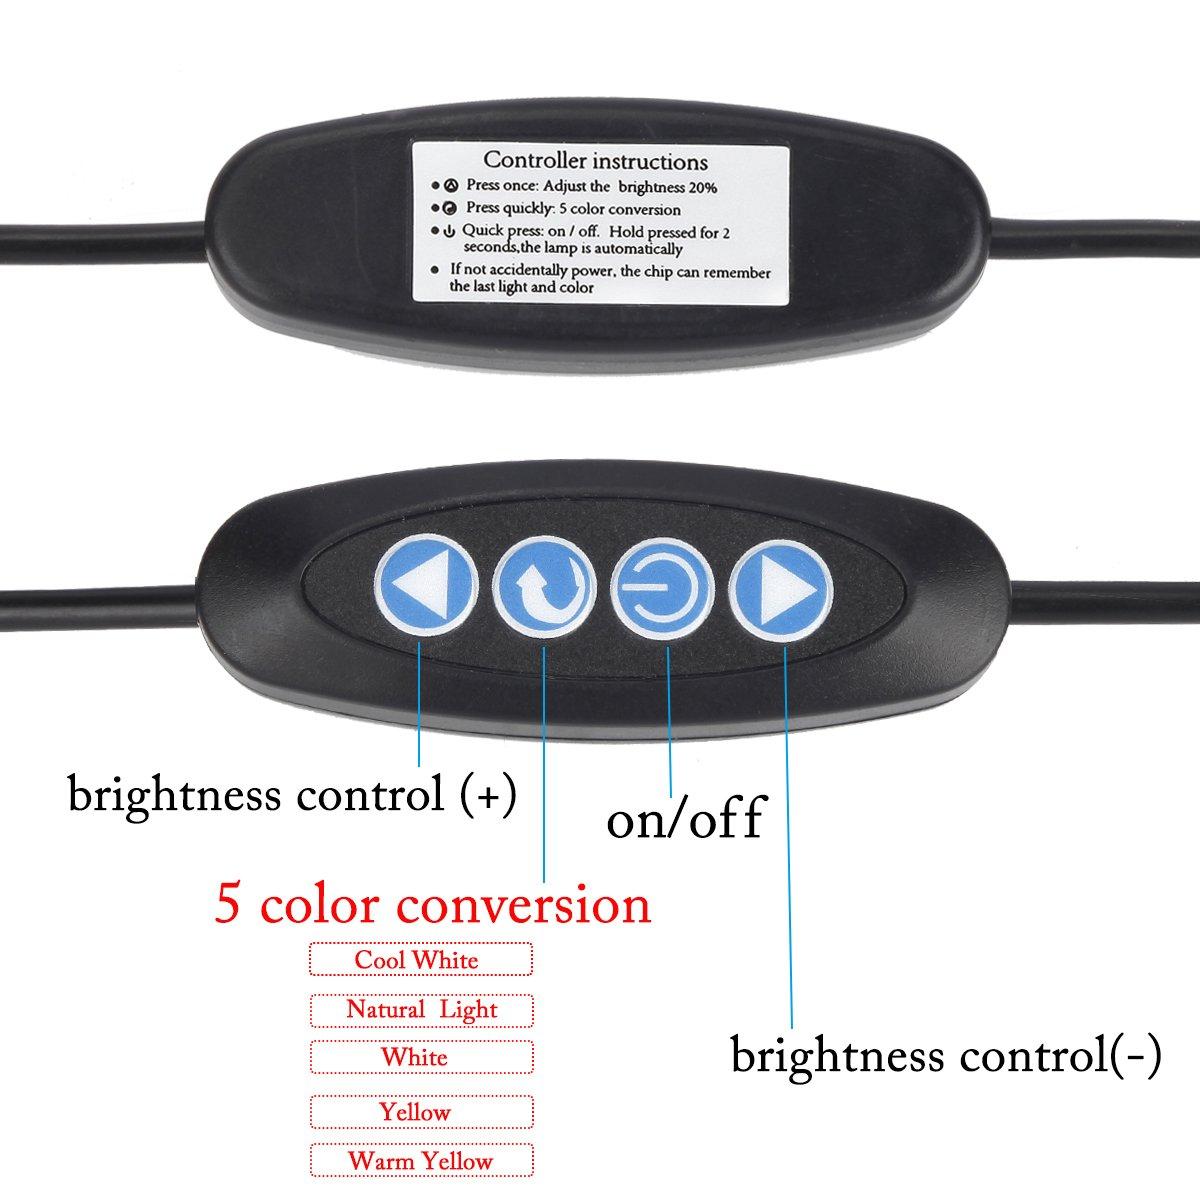 Kernorv Clip on Light/Reading Lights, 5W LED USB Dimmable 5 Color Modes Clip on Light Adjustable Brightness Portable Bed Reading Light Clip Lights for Bed Desk Headboard by Kernorv (Image #4)